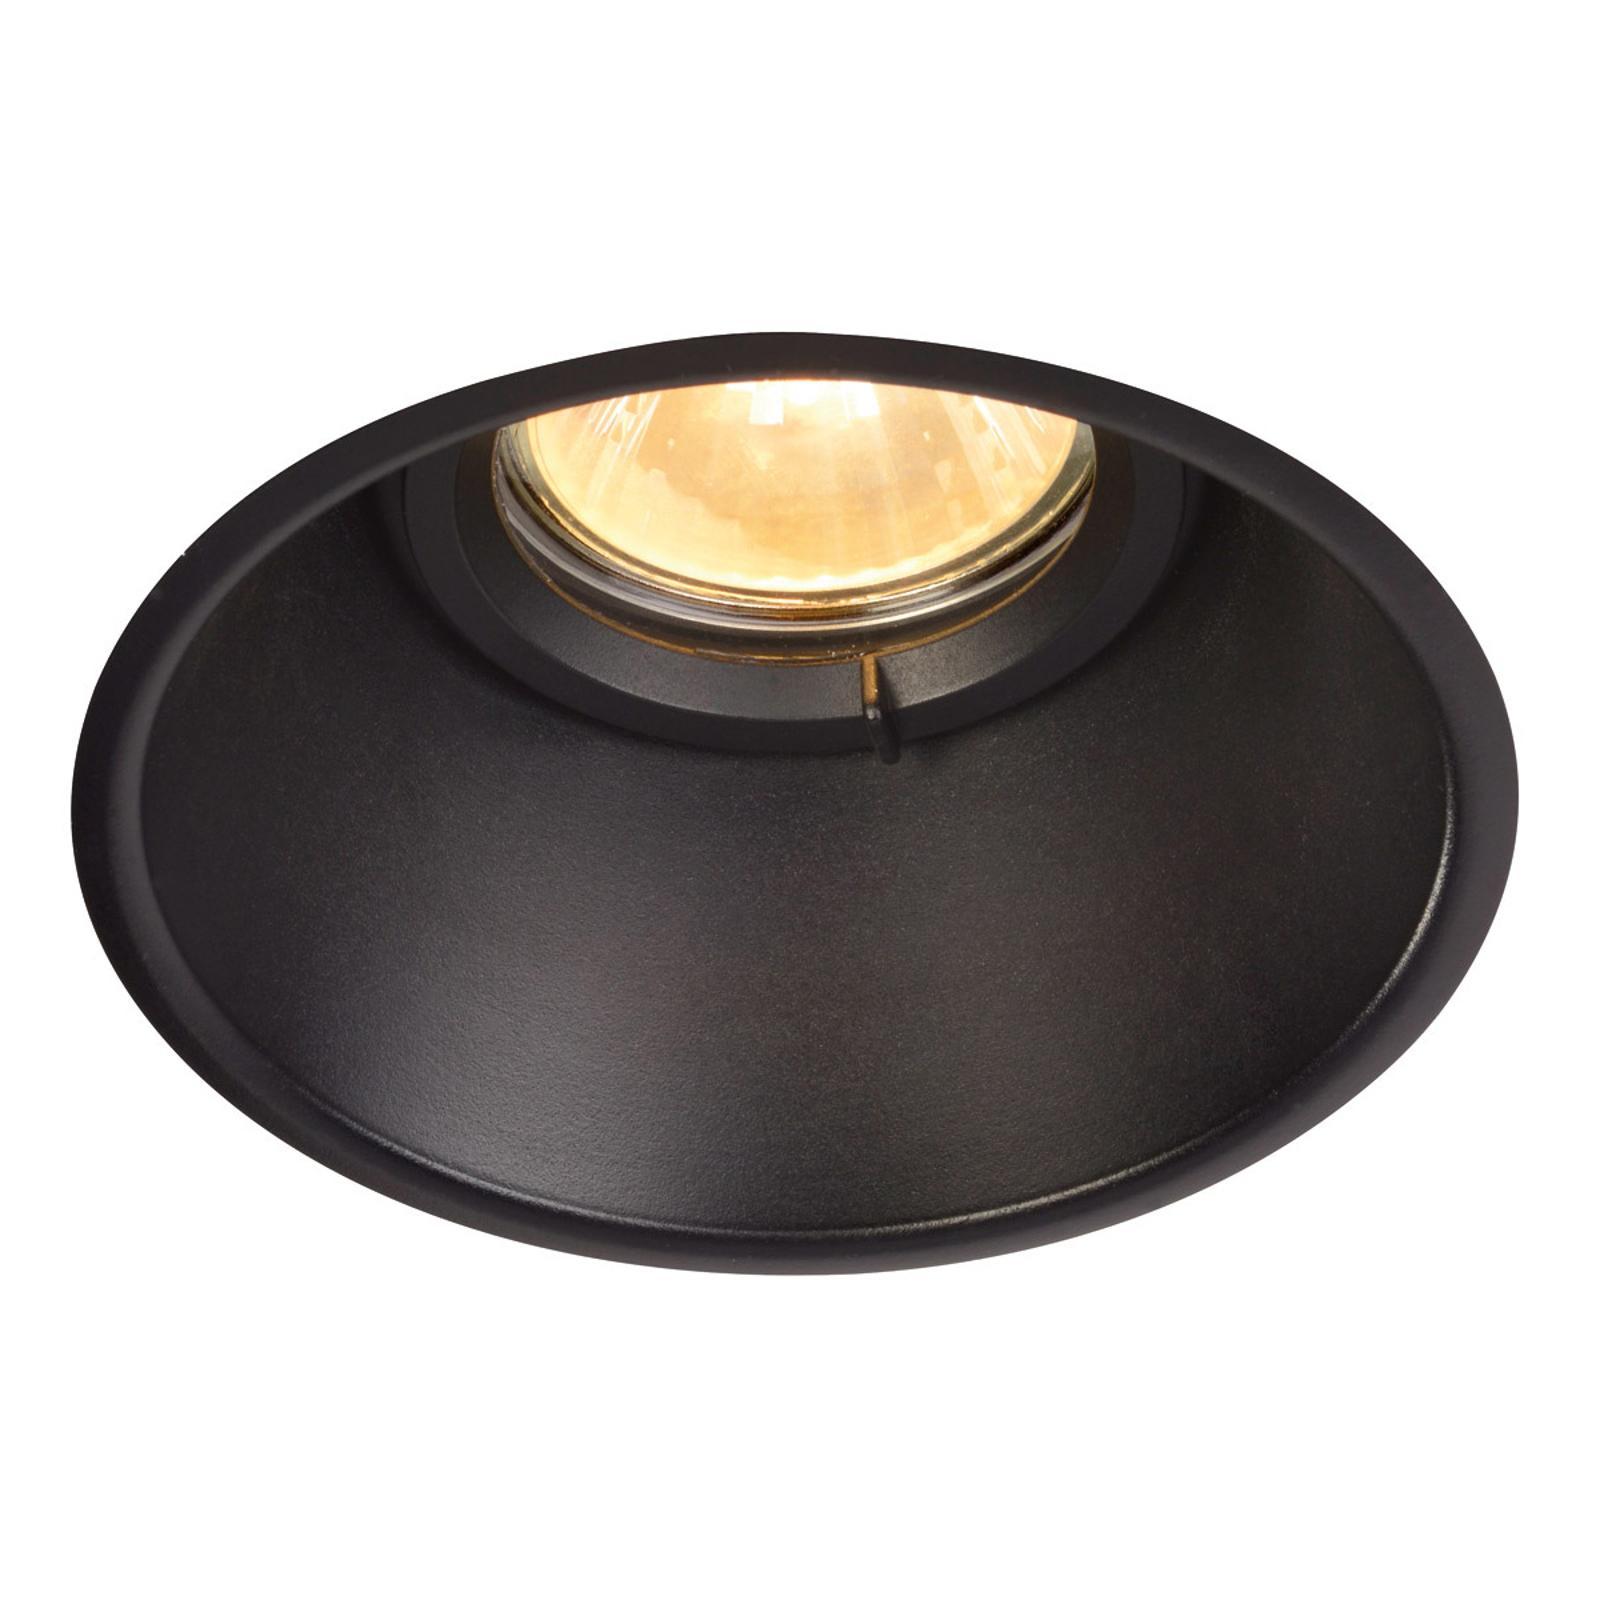 Discreta lampada da incasso a soffitto Horn-O nera